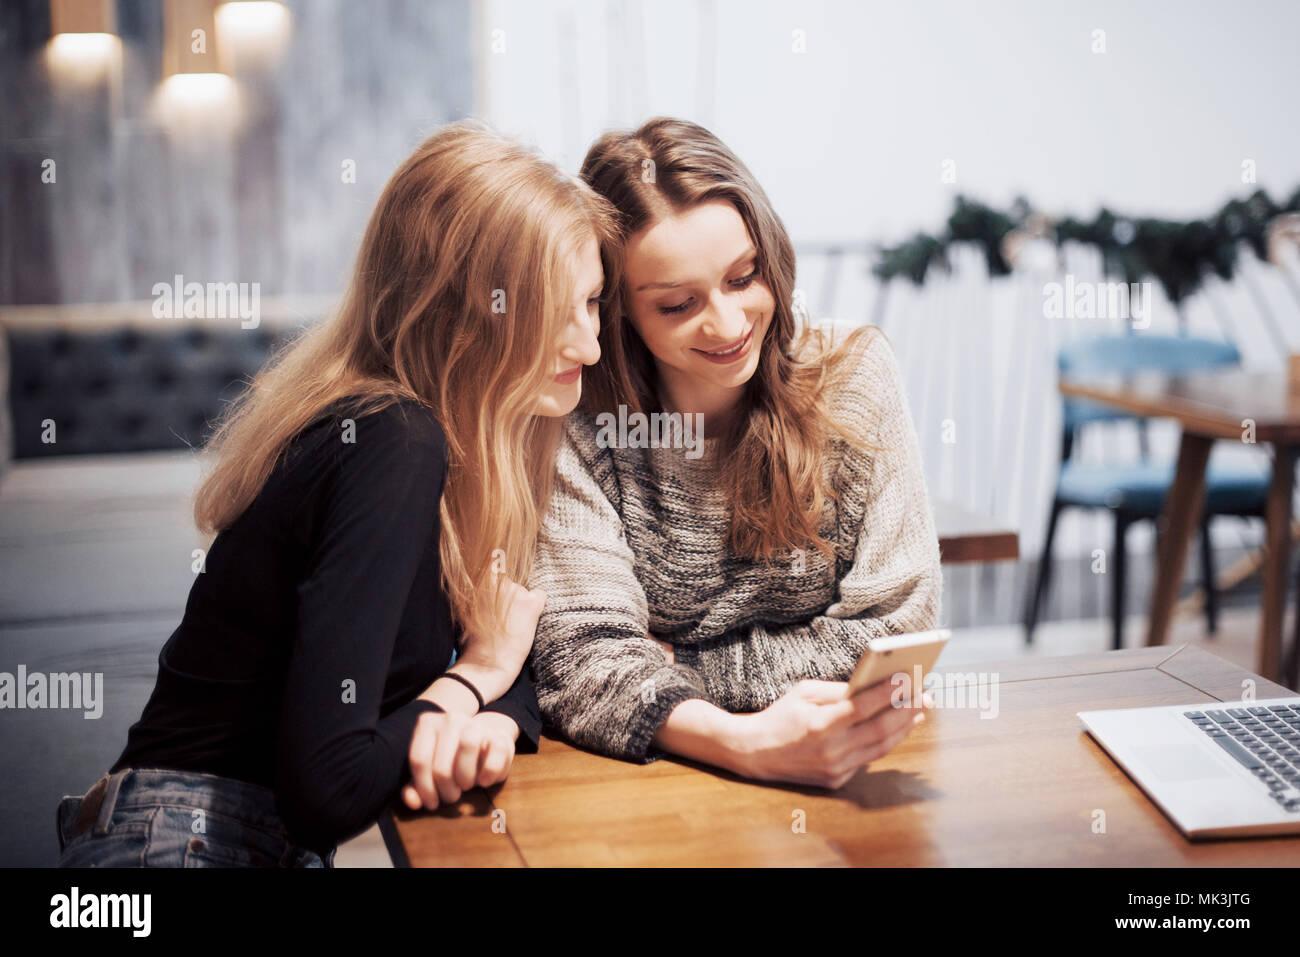 Uno-a-uno de la reunión.Dos jóvenes mujeres de negocios sentado a la mesa en el cafe.niña muestra su amiga la imagen en la pantalla del smartphone. En la tabla se cierra portátil.reunión de amigos Imagen De Stock